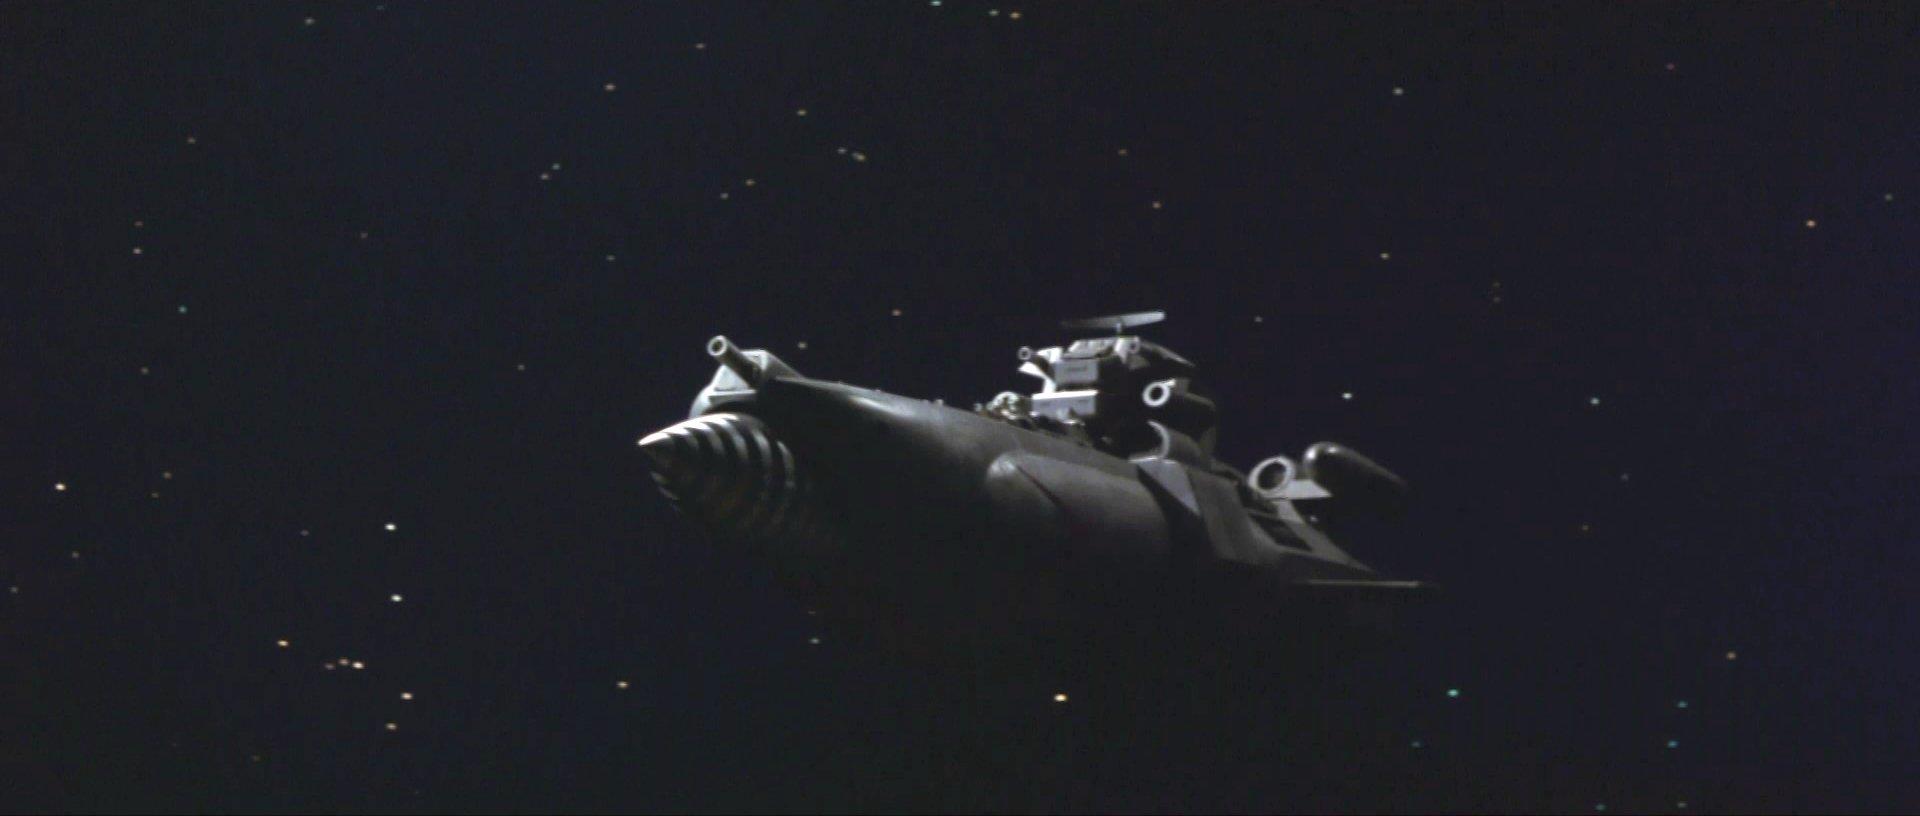 『惑星大戦争』宇宙戦艦轟天